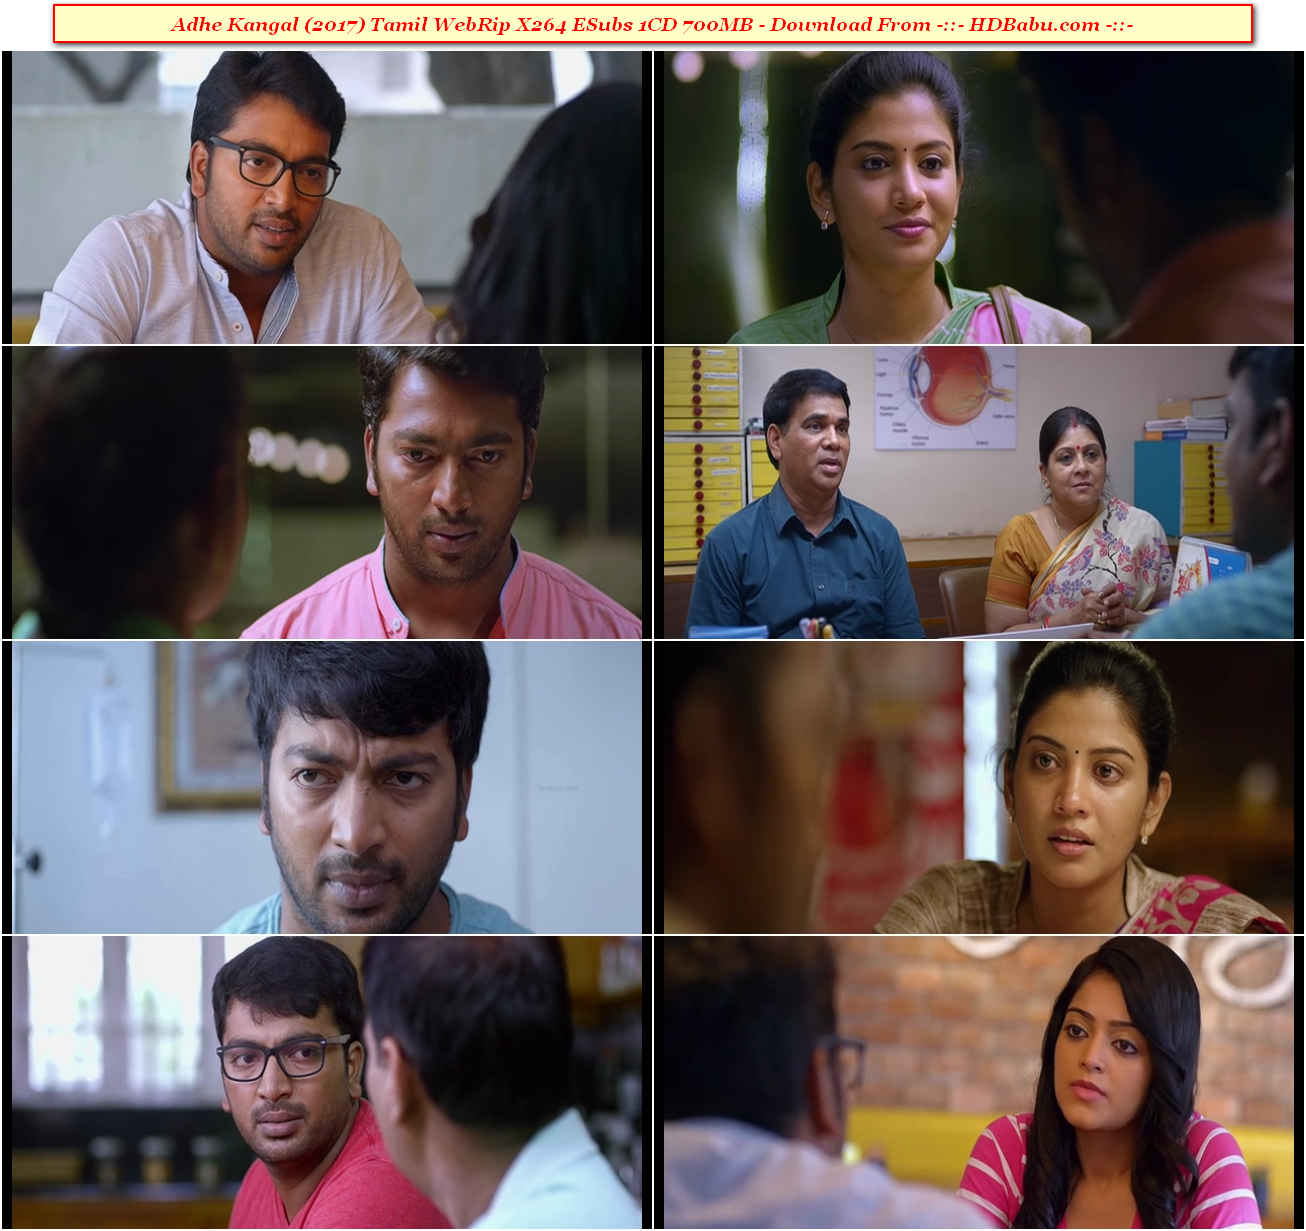 Adhe Kangal Full Movie Download